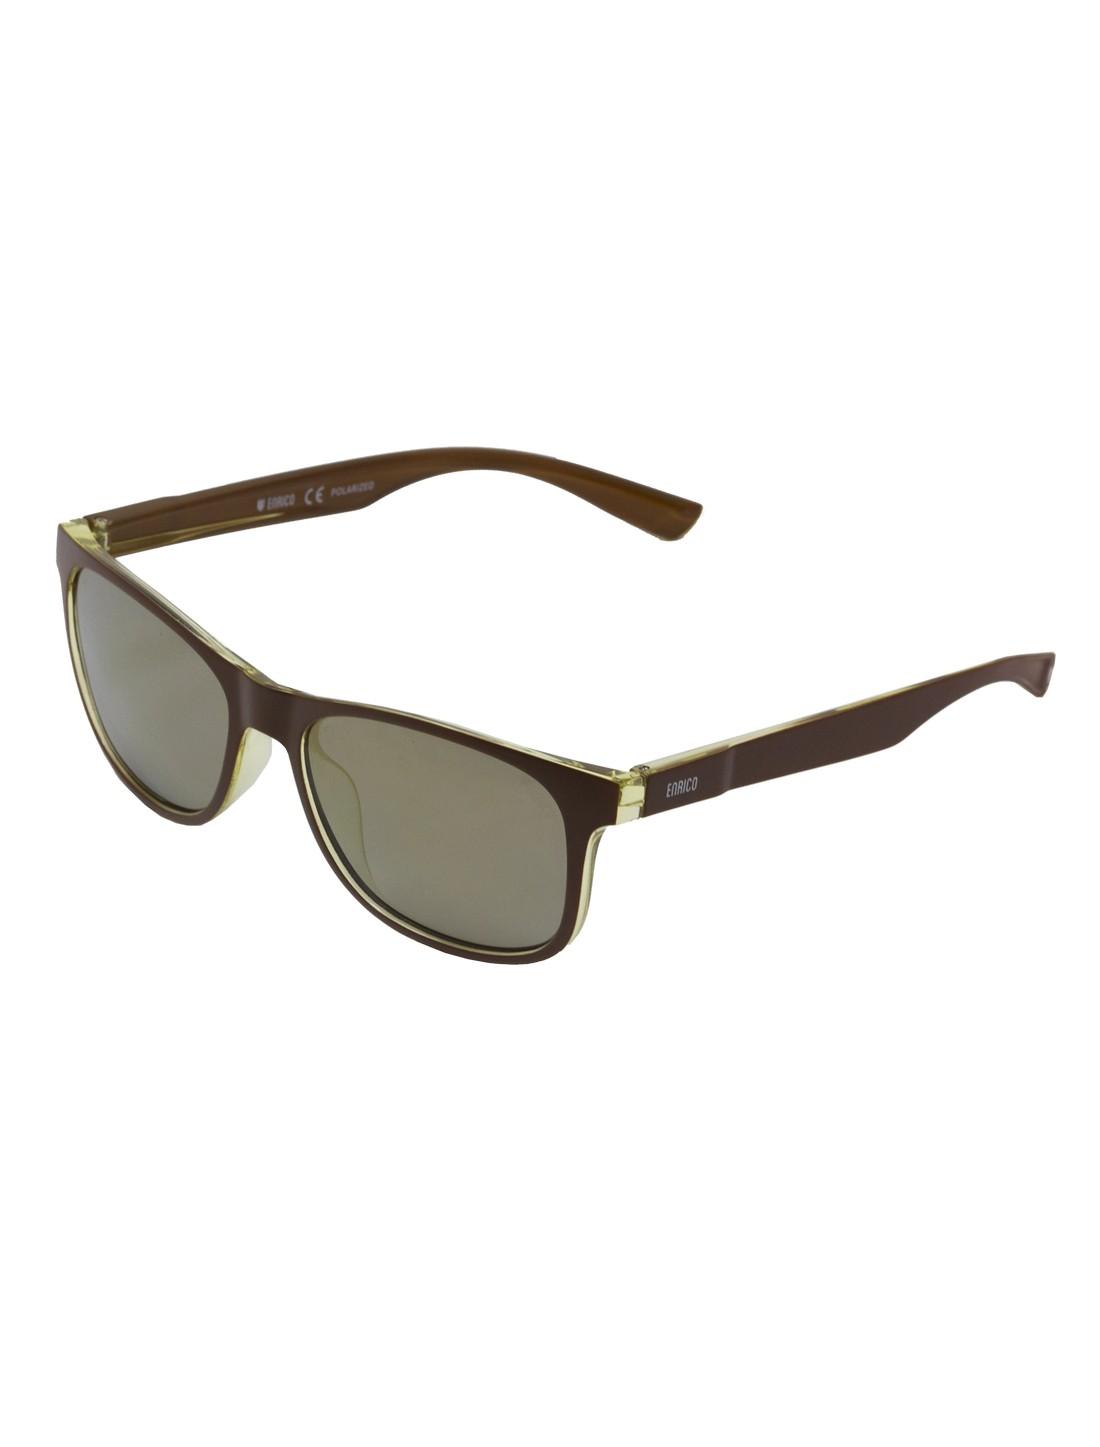 ENRICO | ENRICO Dusk UV Protected & Polarized Wayfarer Sunglasses for Men ( Lens - Grey | Frame - Brown)